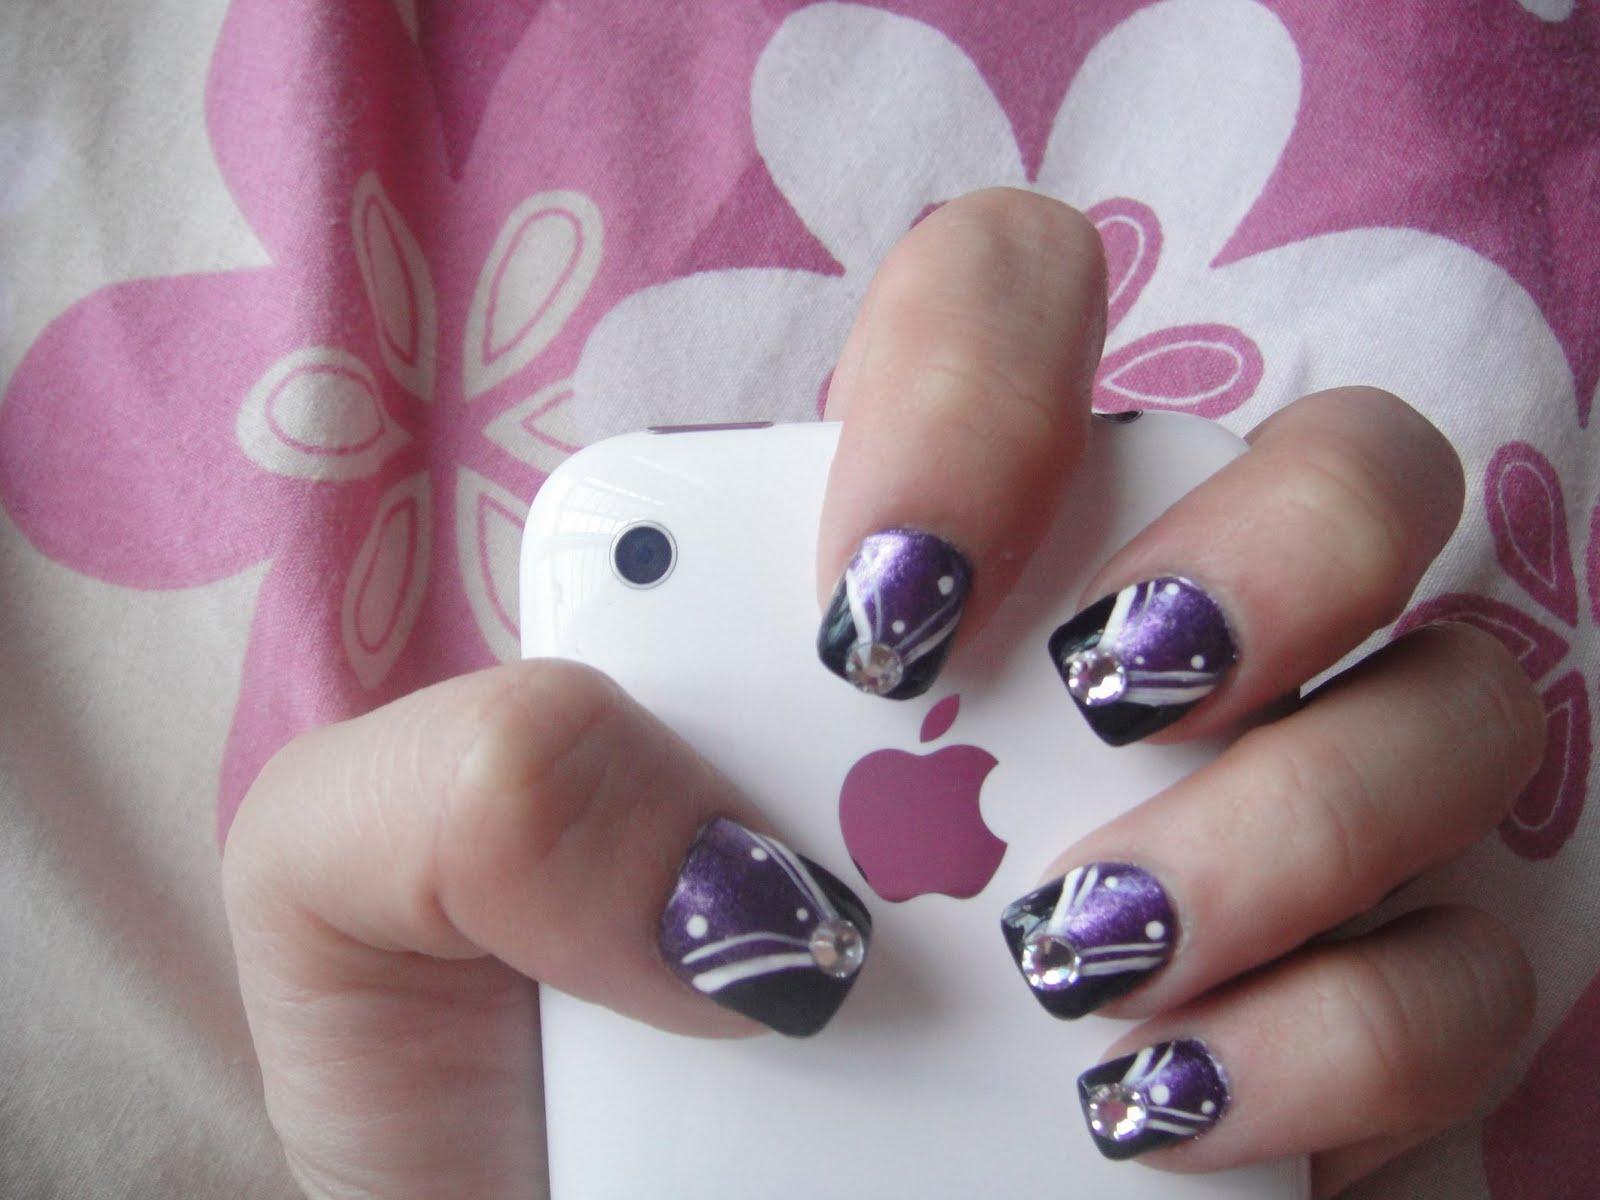 Nail Designs For Short Nails - Pccala